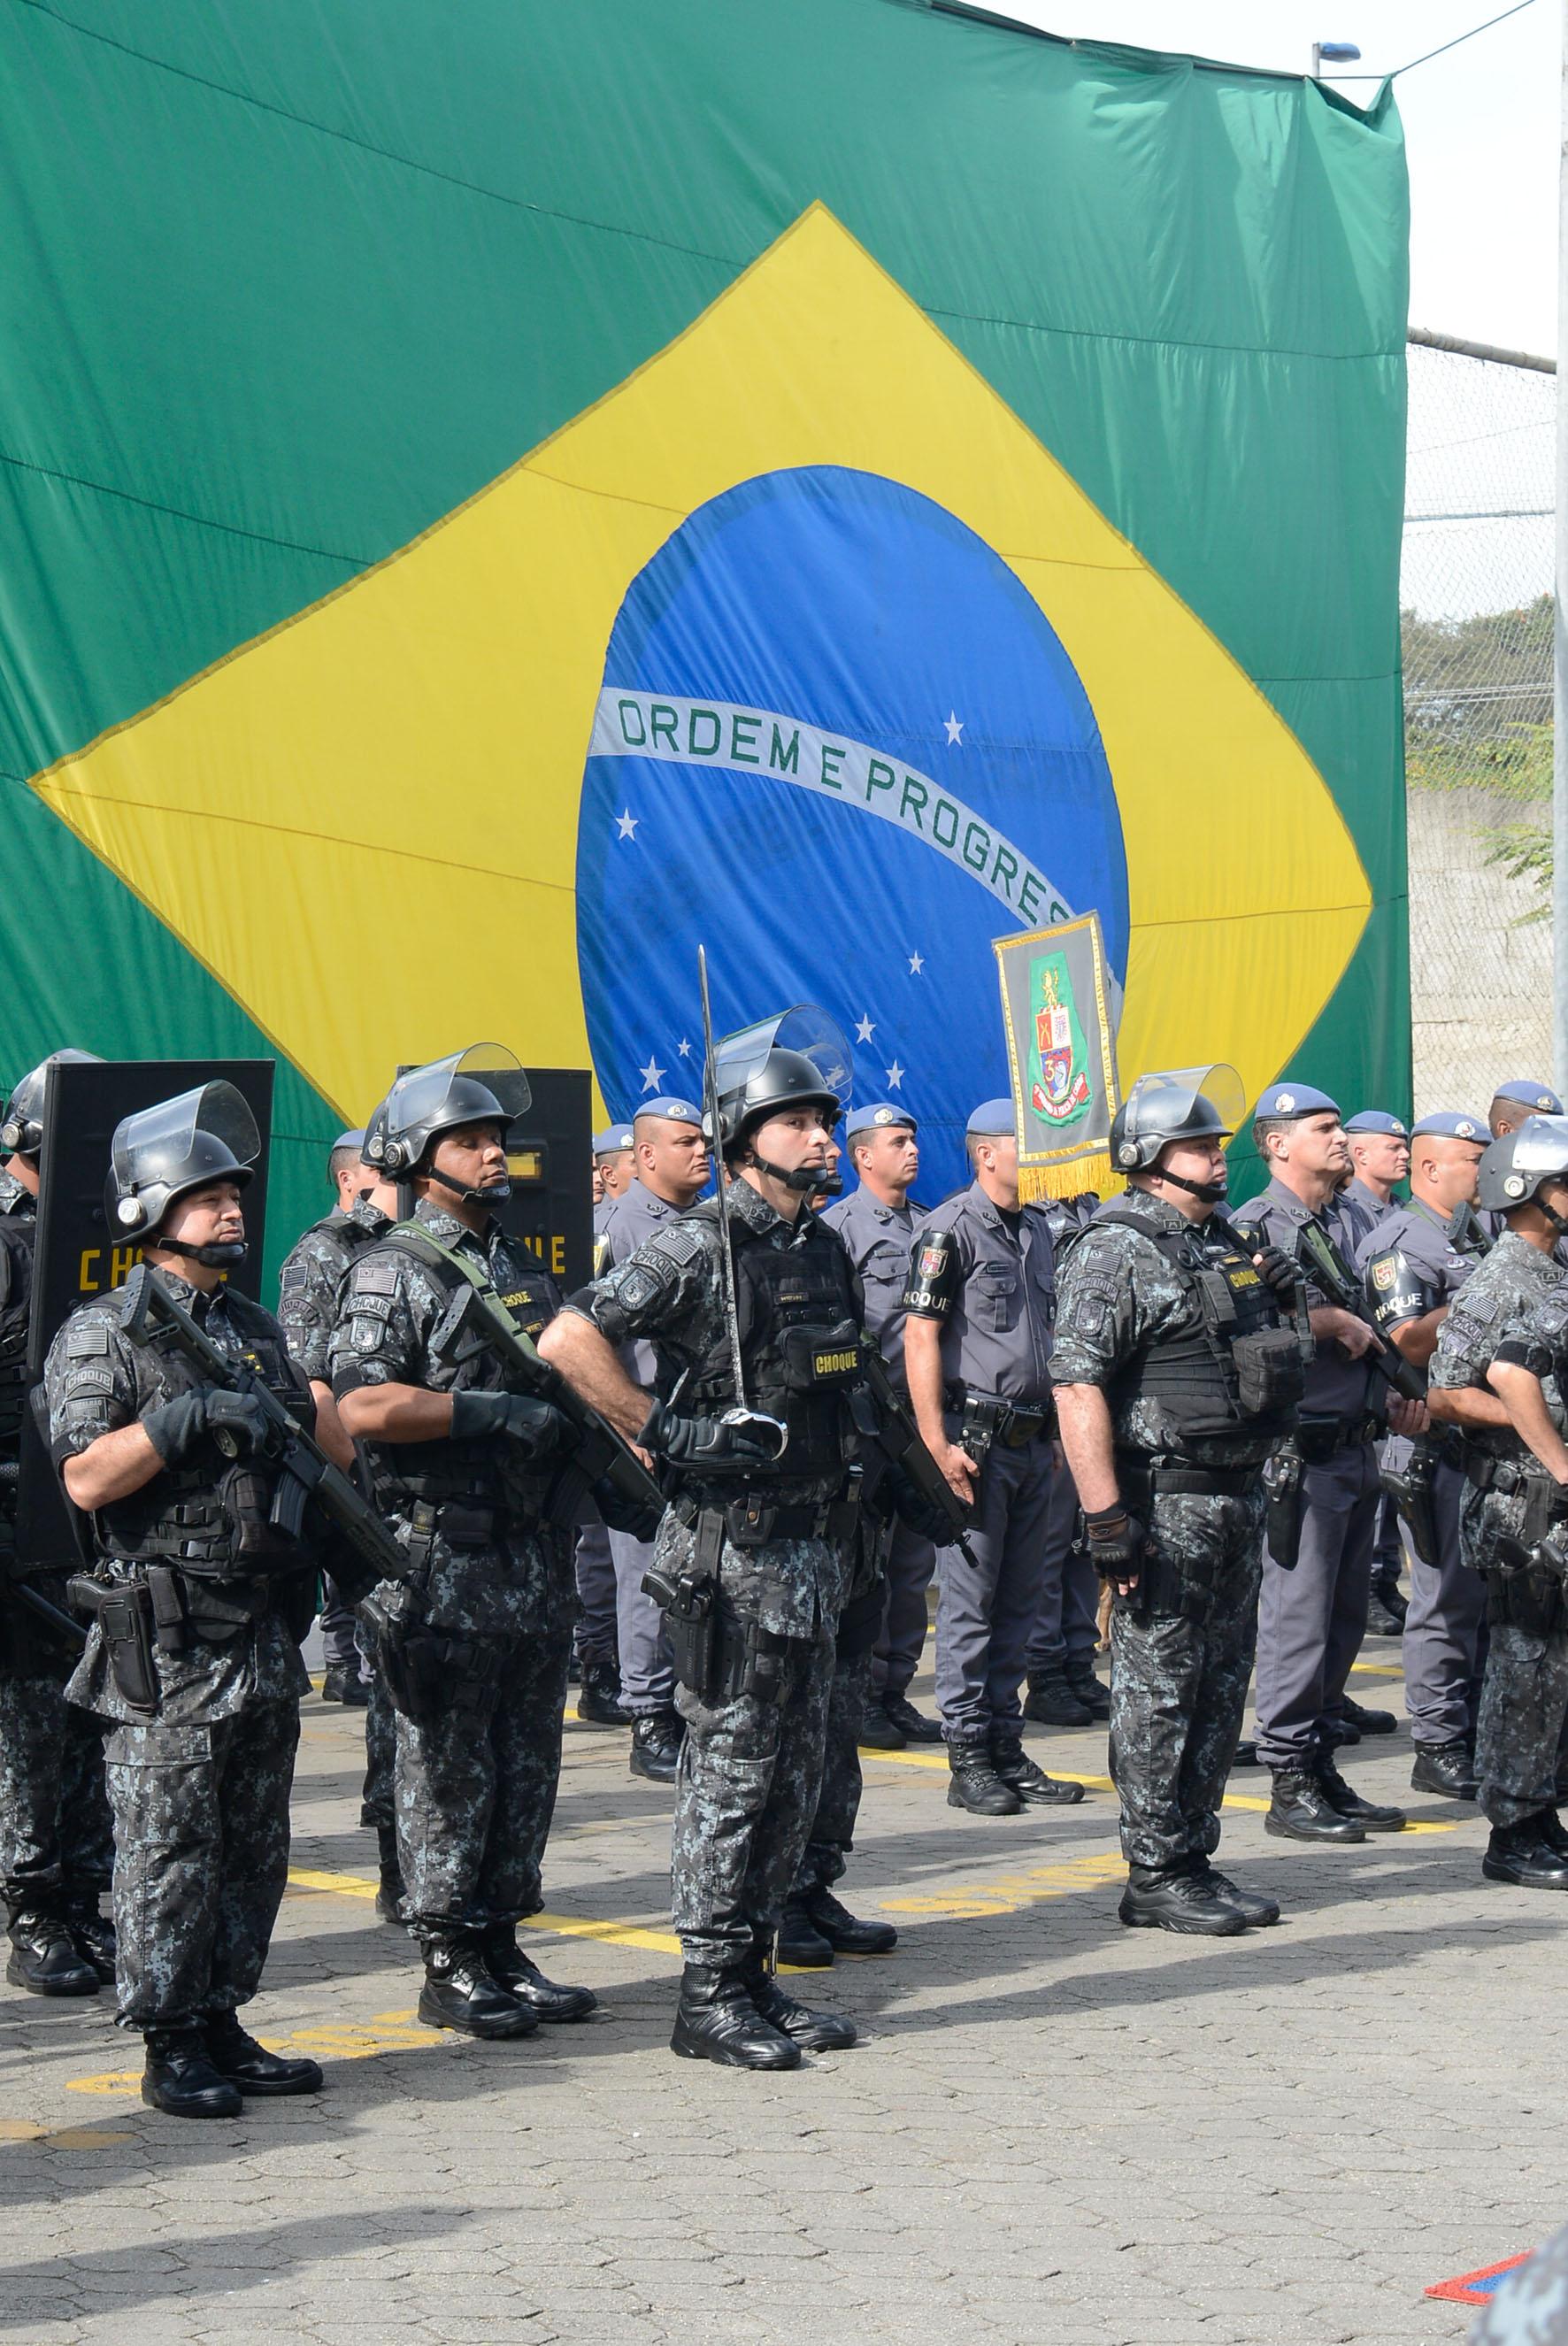 Policiais do 3º Batalhão de Choque Humaitá<a style='float:right' href='https://www3.al.sp.gov.br/repositorio/noticia/N-06-2016/fg192339.jpg' target=_blank><img src='/_img/material-file-download-white.png' width='14px' alt='Clique para baixar a imagem'></a>